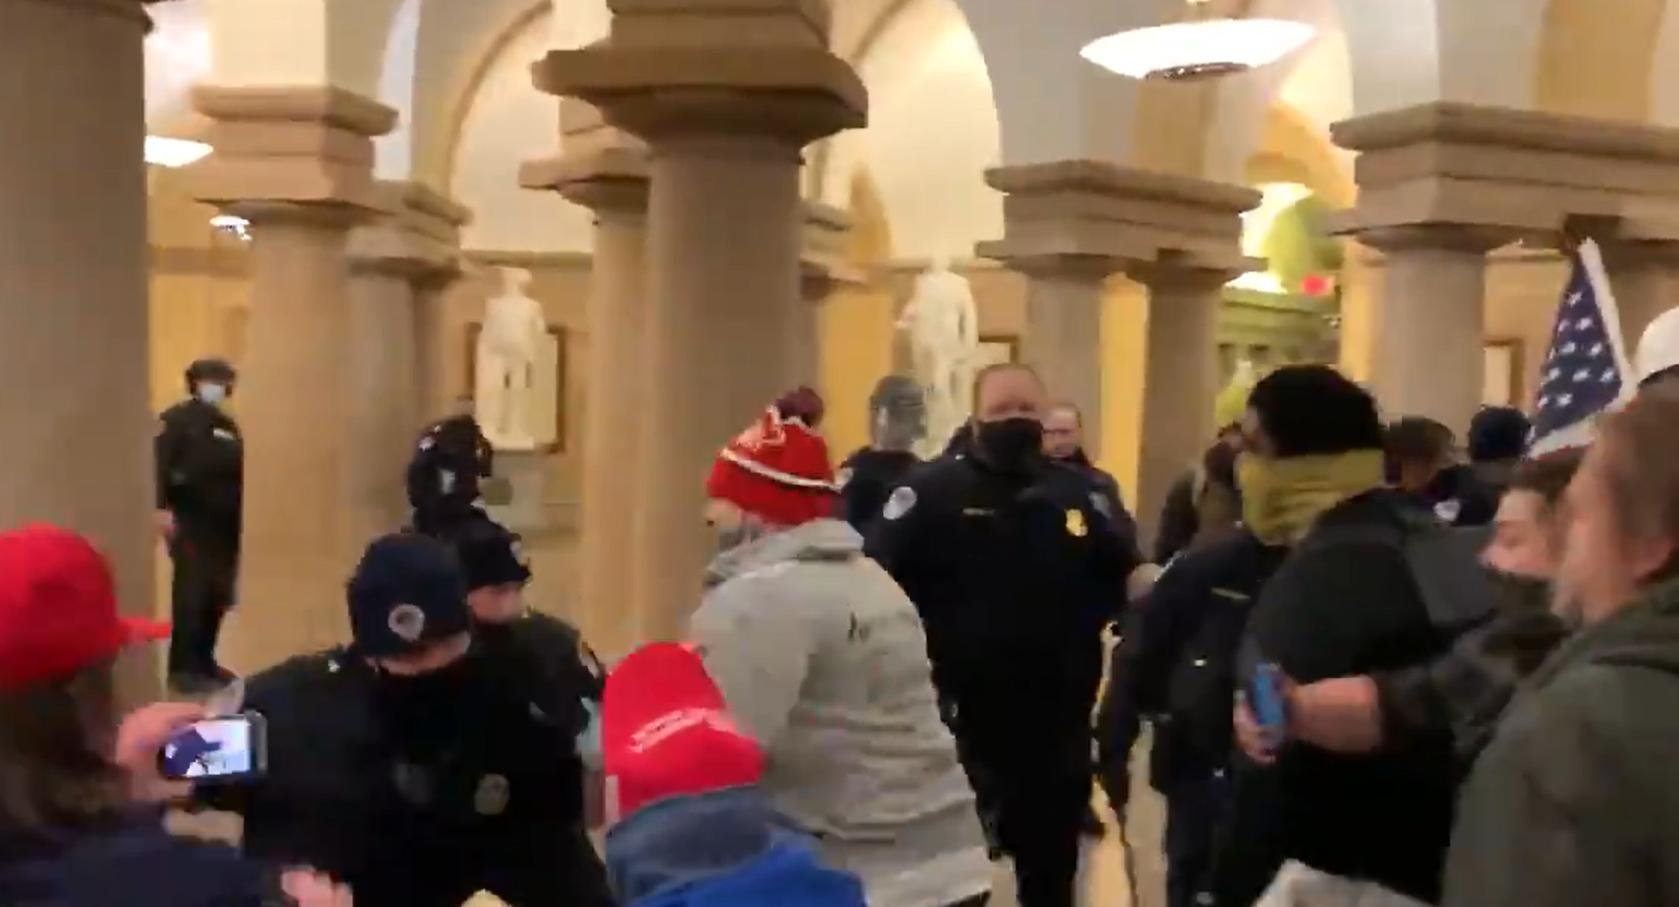 """Susținătorii lui Trump au pătruns în clădirea Capitoliului. Senatorii se adăpostesc """"sub scaune"""""""